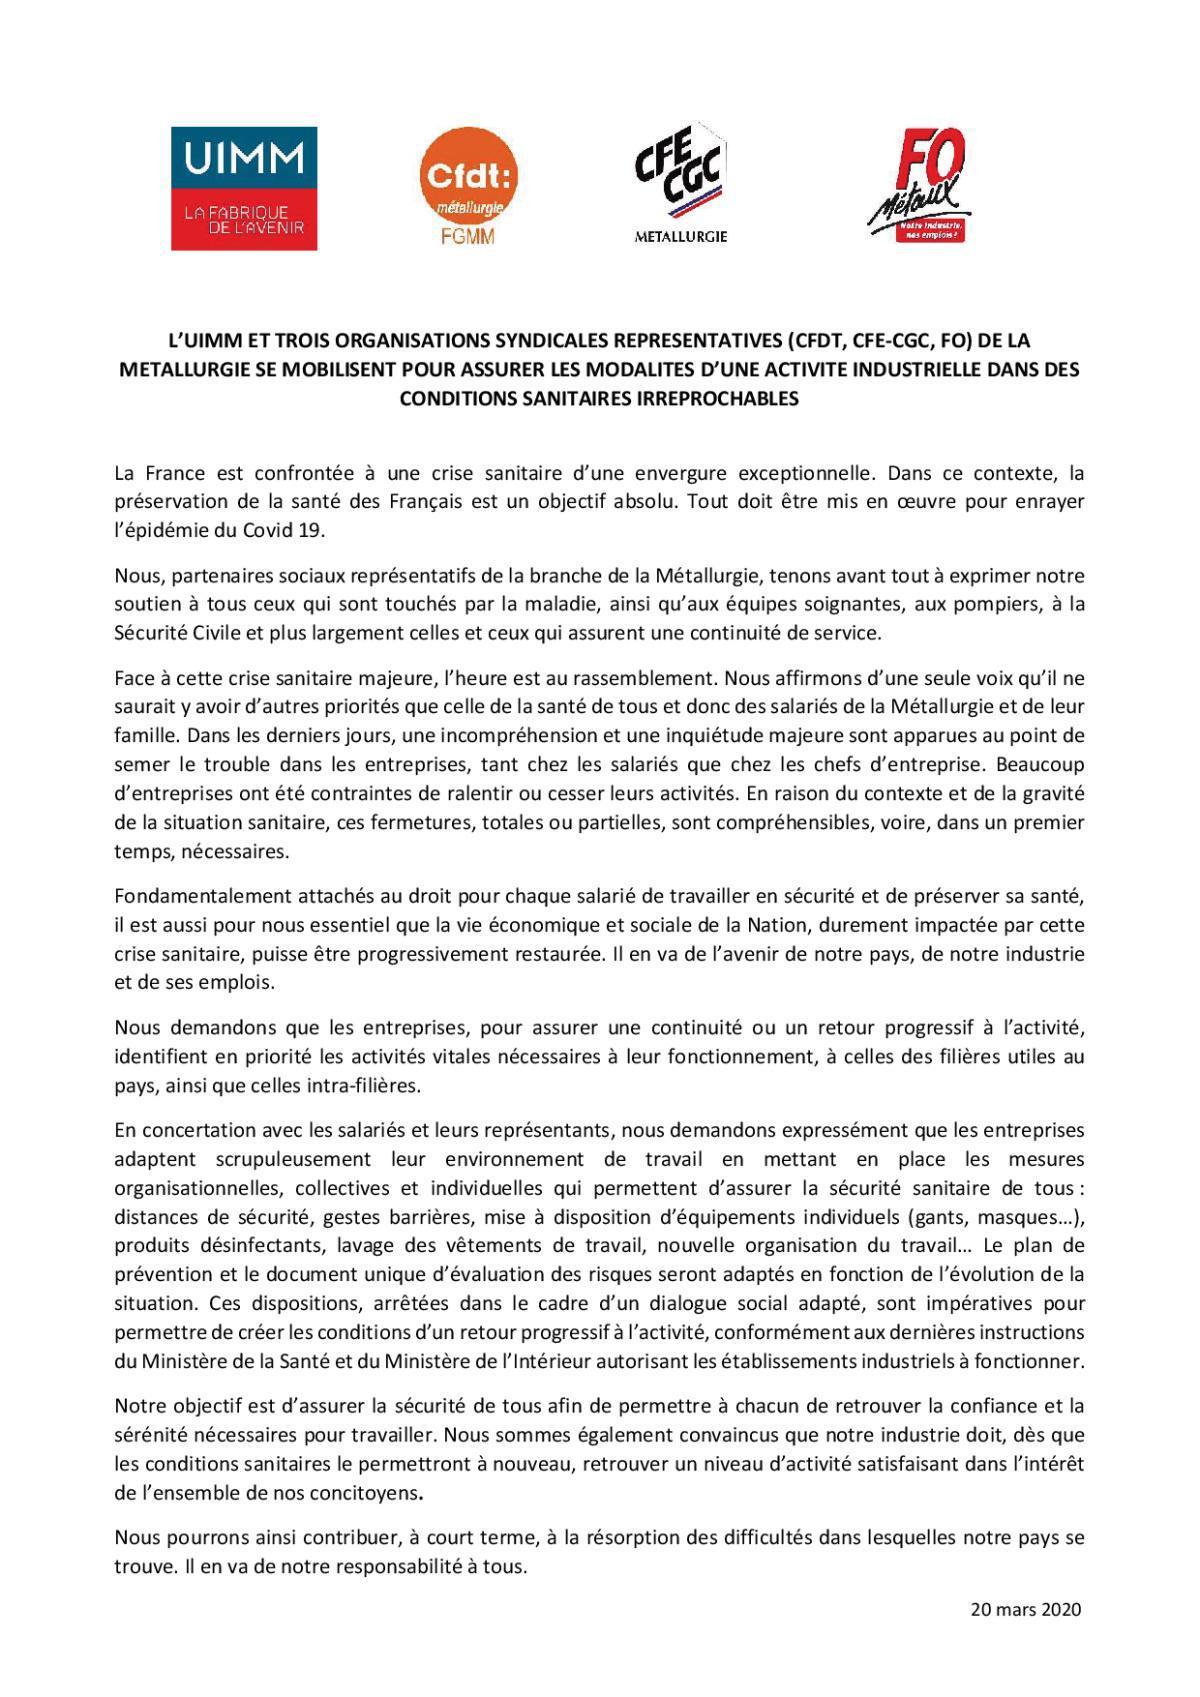 COVID-19 - L'UIMM et 3 Organisations Syndicales représentatives (CFDT, CFE-CGC et FO) de la métallurgie se mobilisent.....